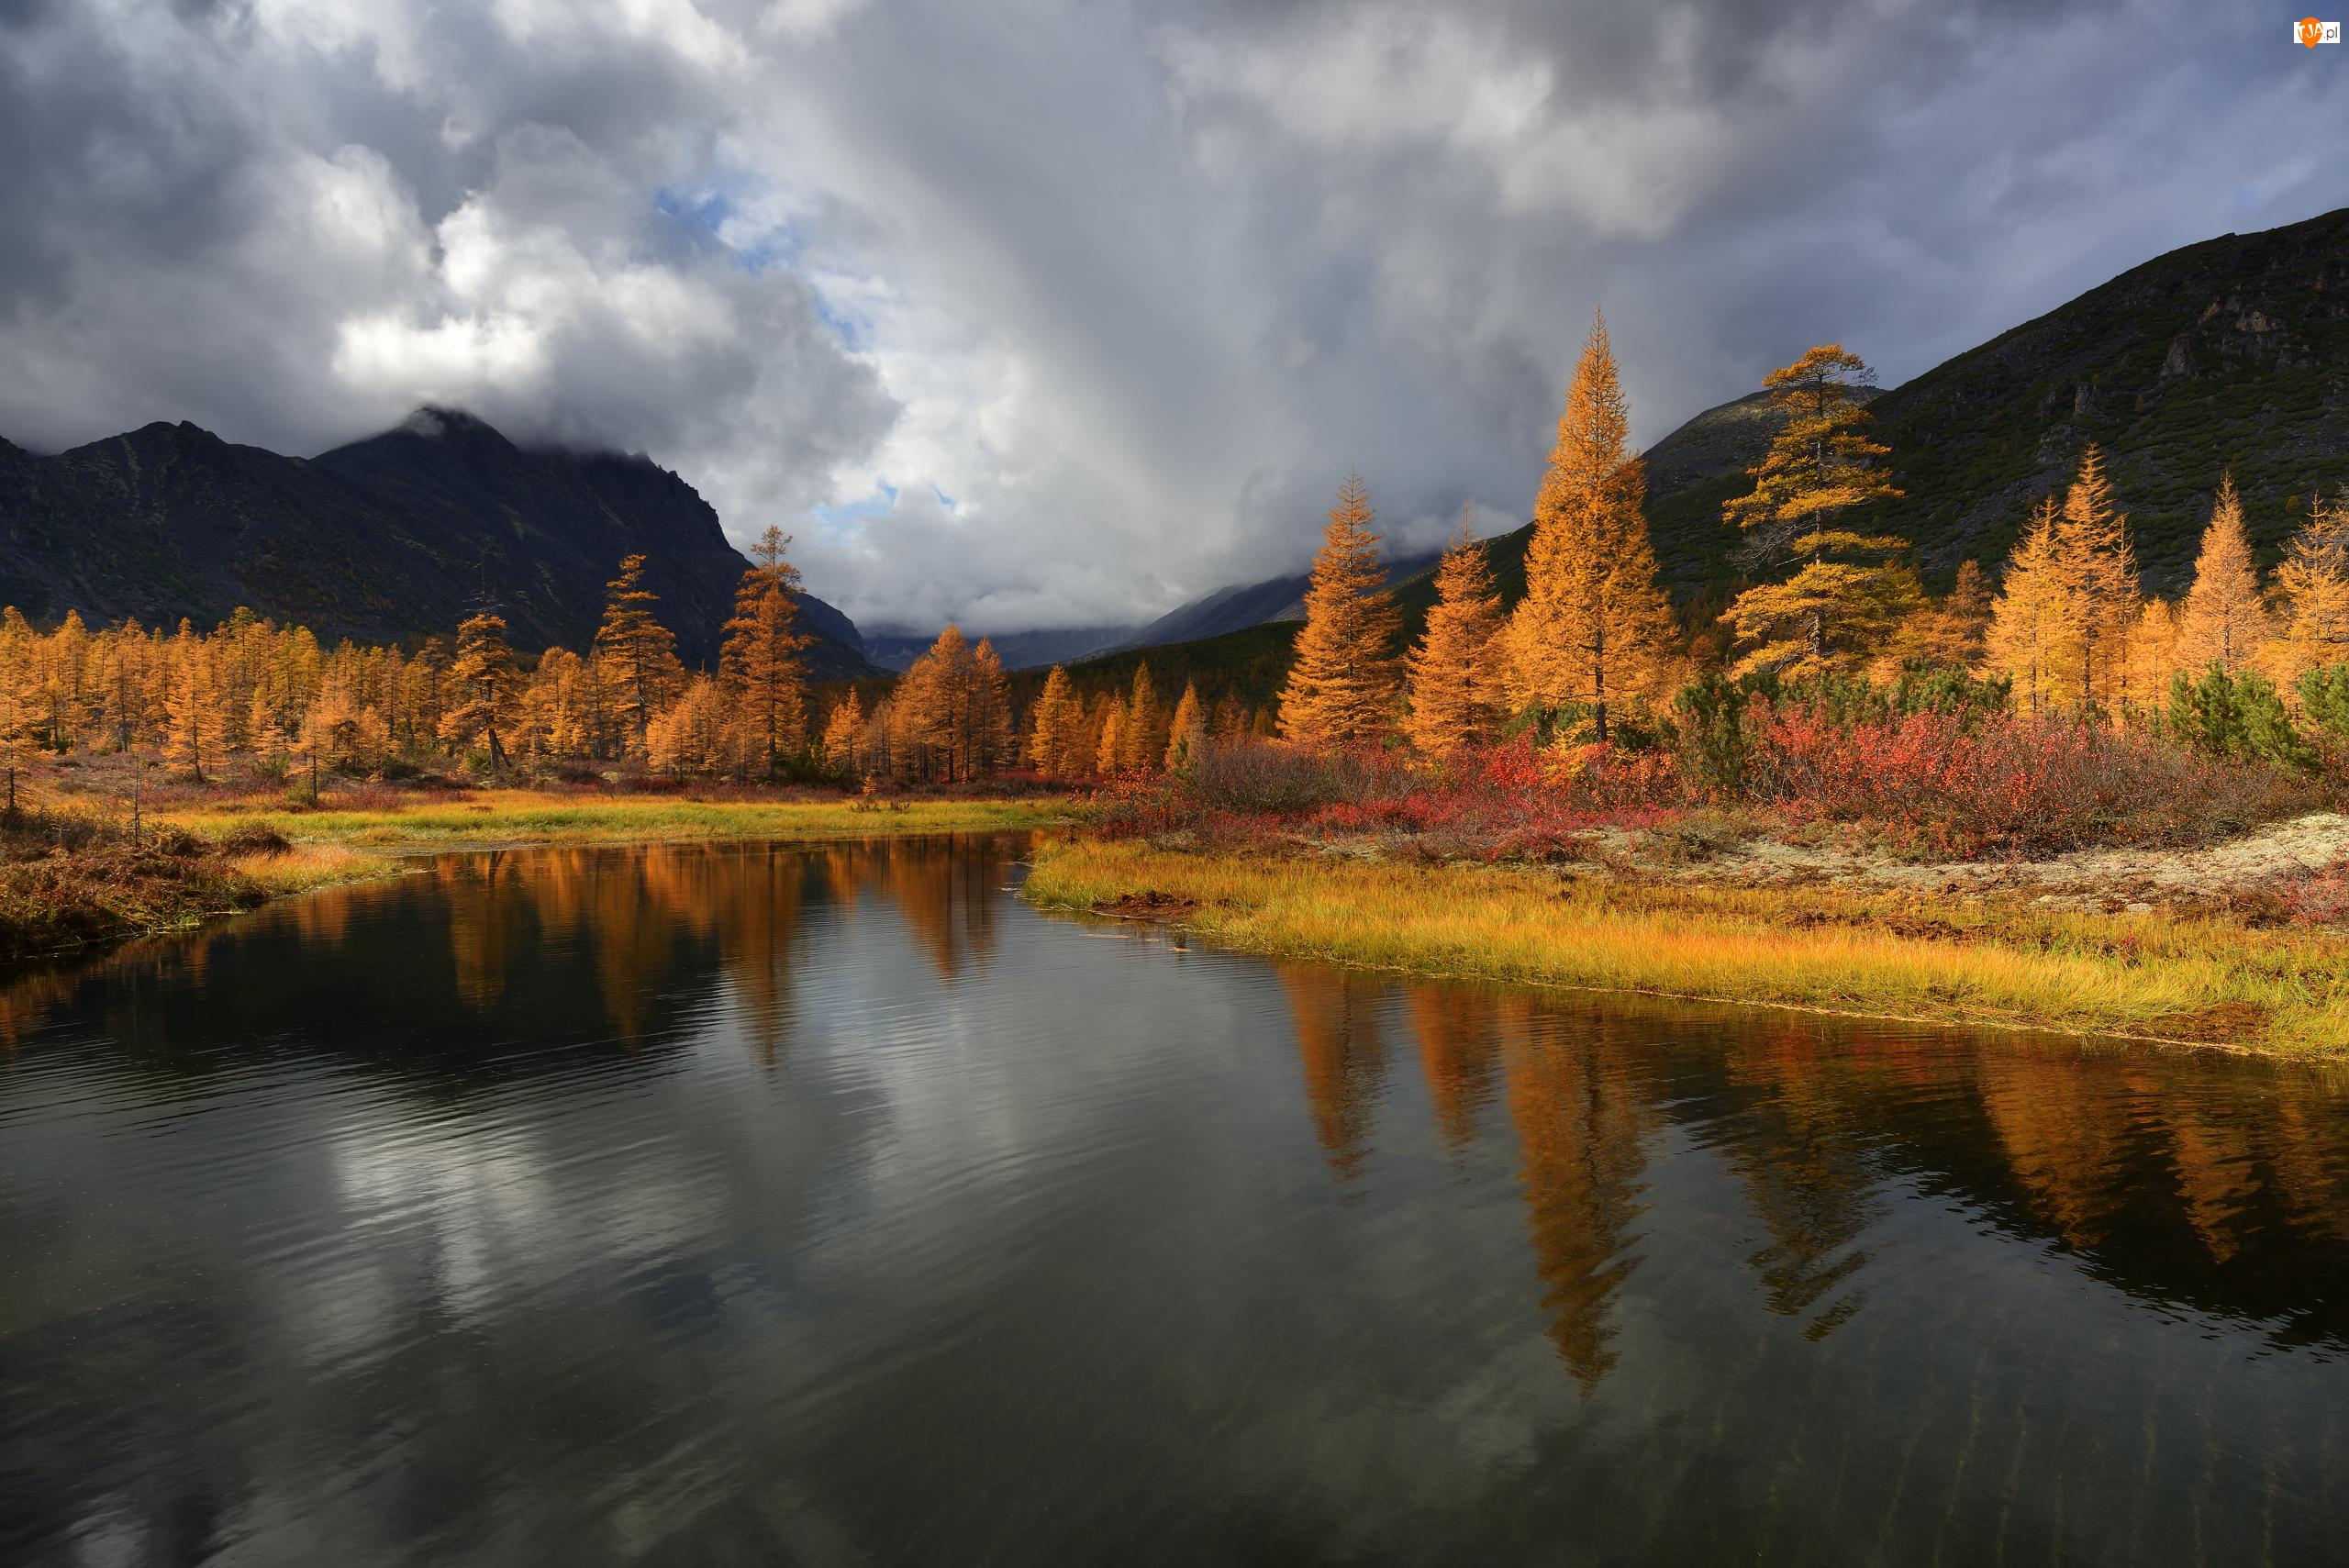 Rosja, Jezioro Jack London, Obwód magadański, Odbicie, Kołyma, Góry Kołymskie, Drzewa, Jesień, Rośliny